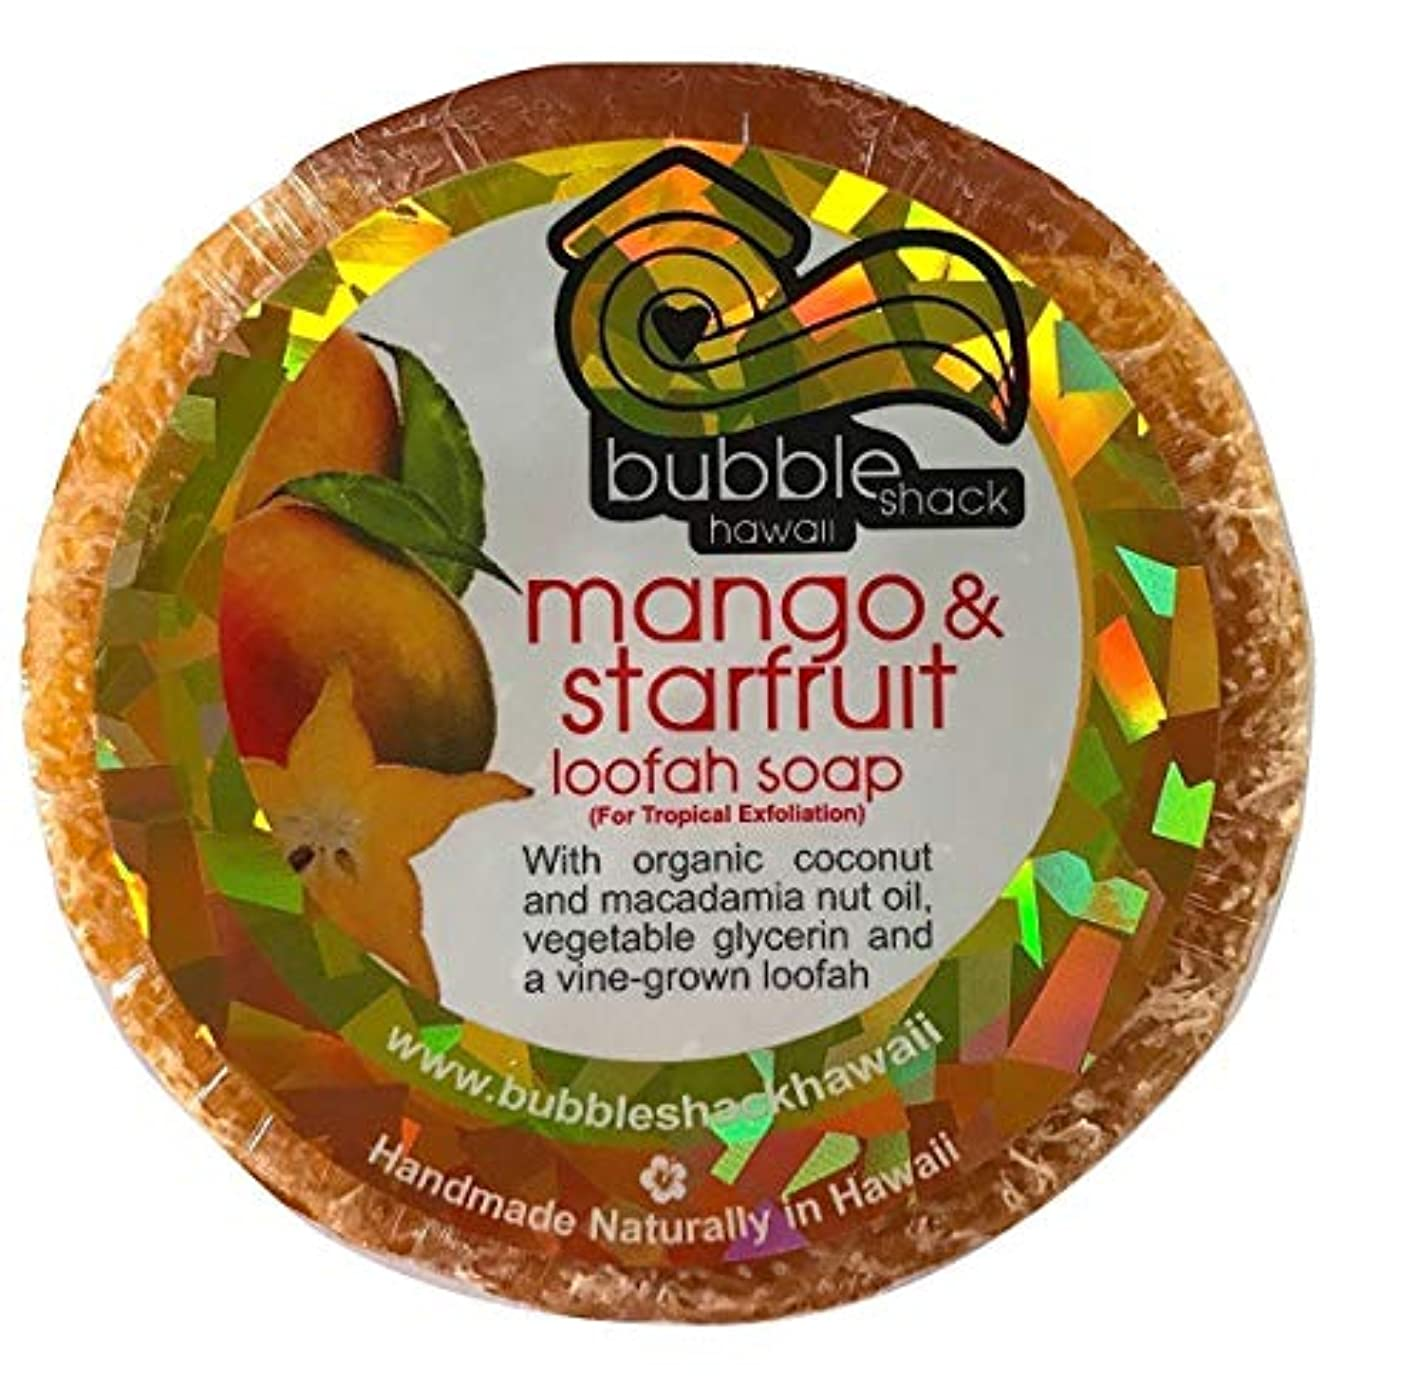 クルー絶えずタイトハワイアン雑貨/ハワイ 雑貨【バブルシャック】Bubble Shack Hawaii ルーファーソープ(マンゴ&スターフルーツ) 【お土産】